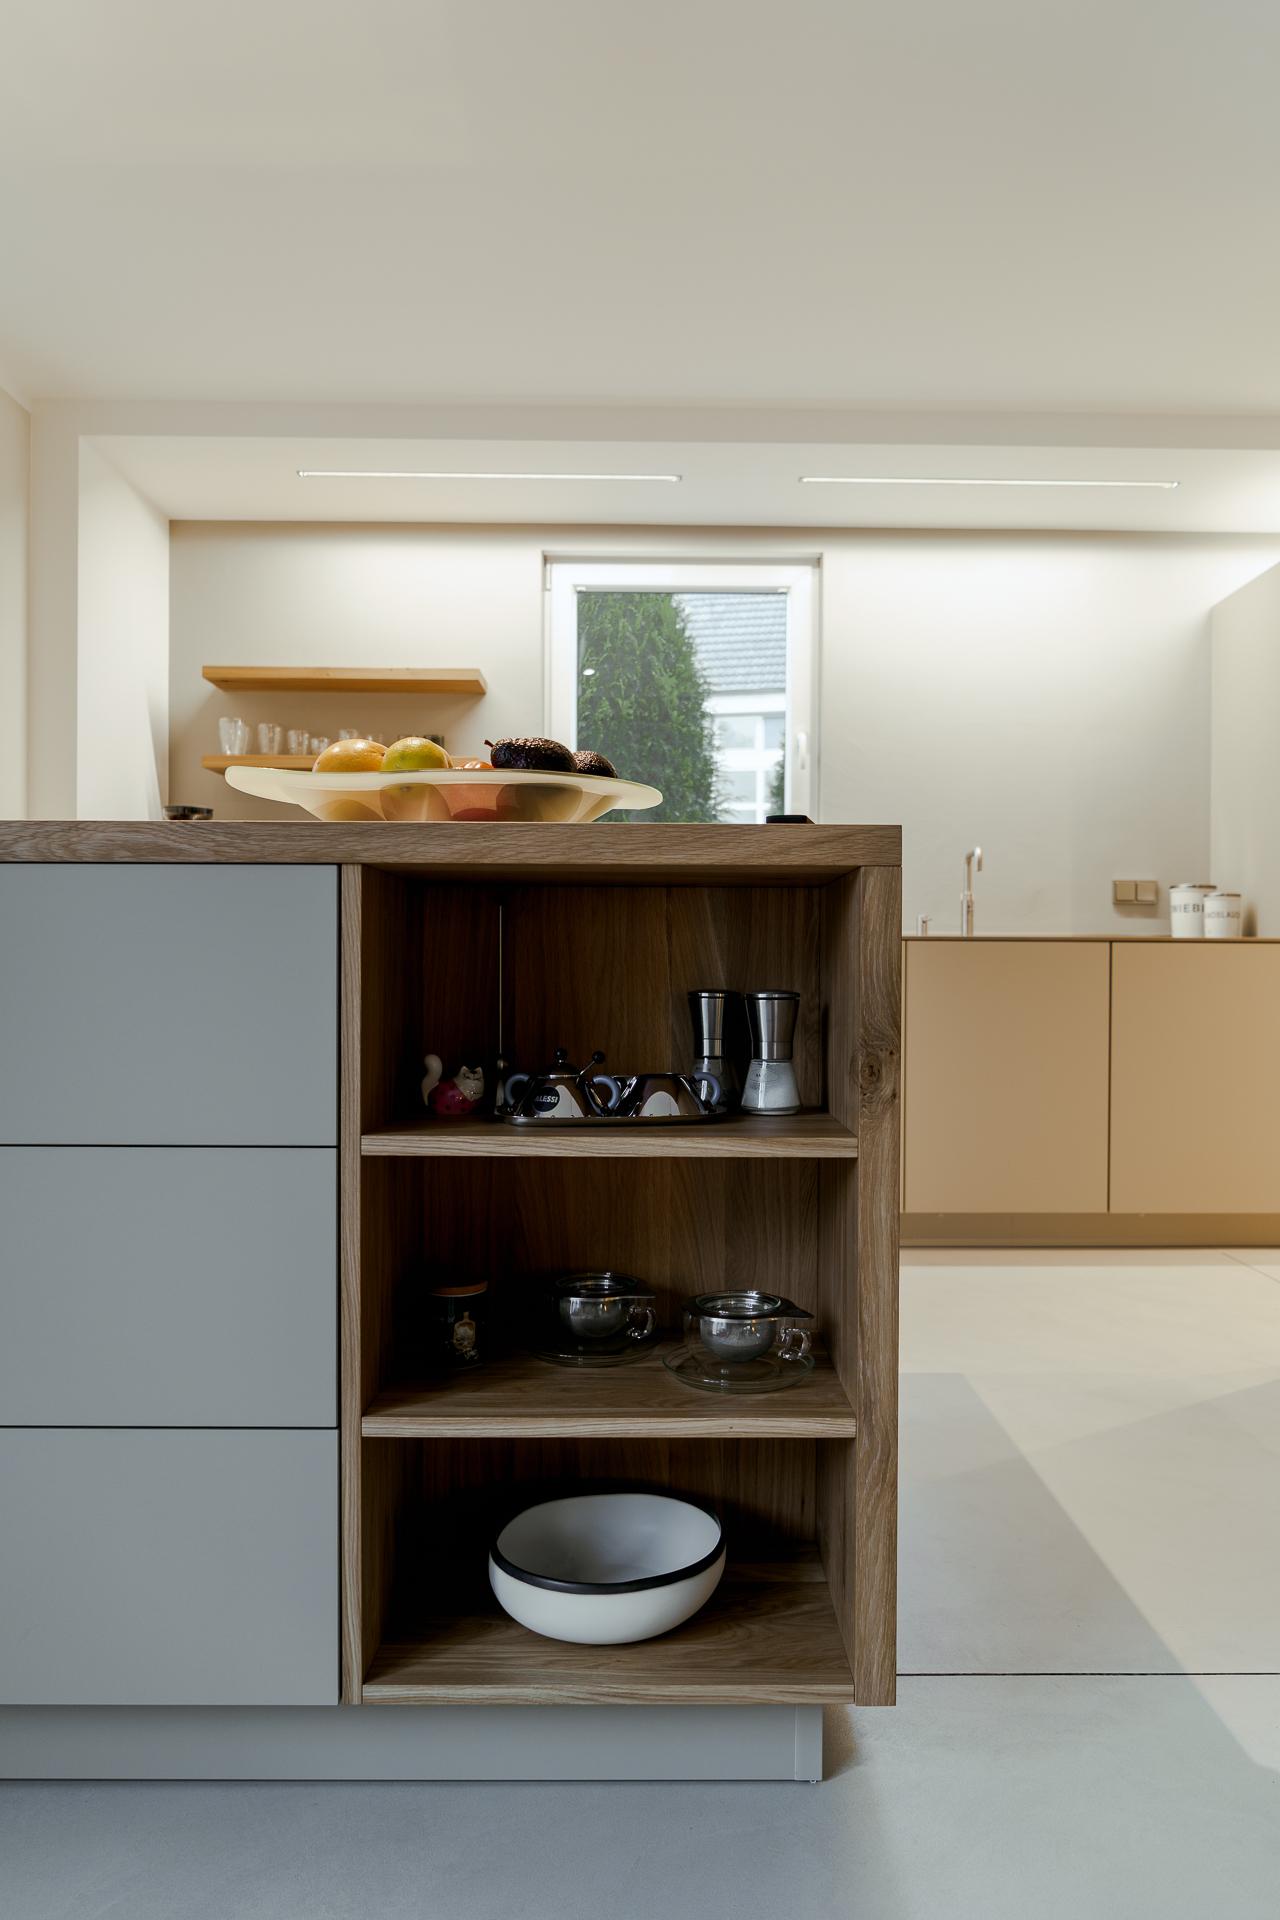 Gallery Bild der Küche